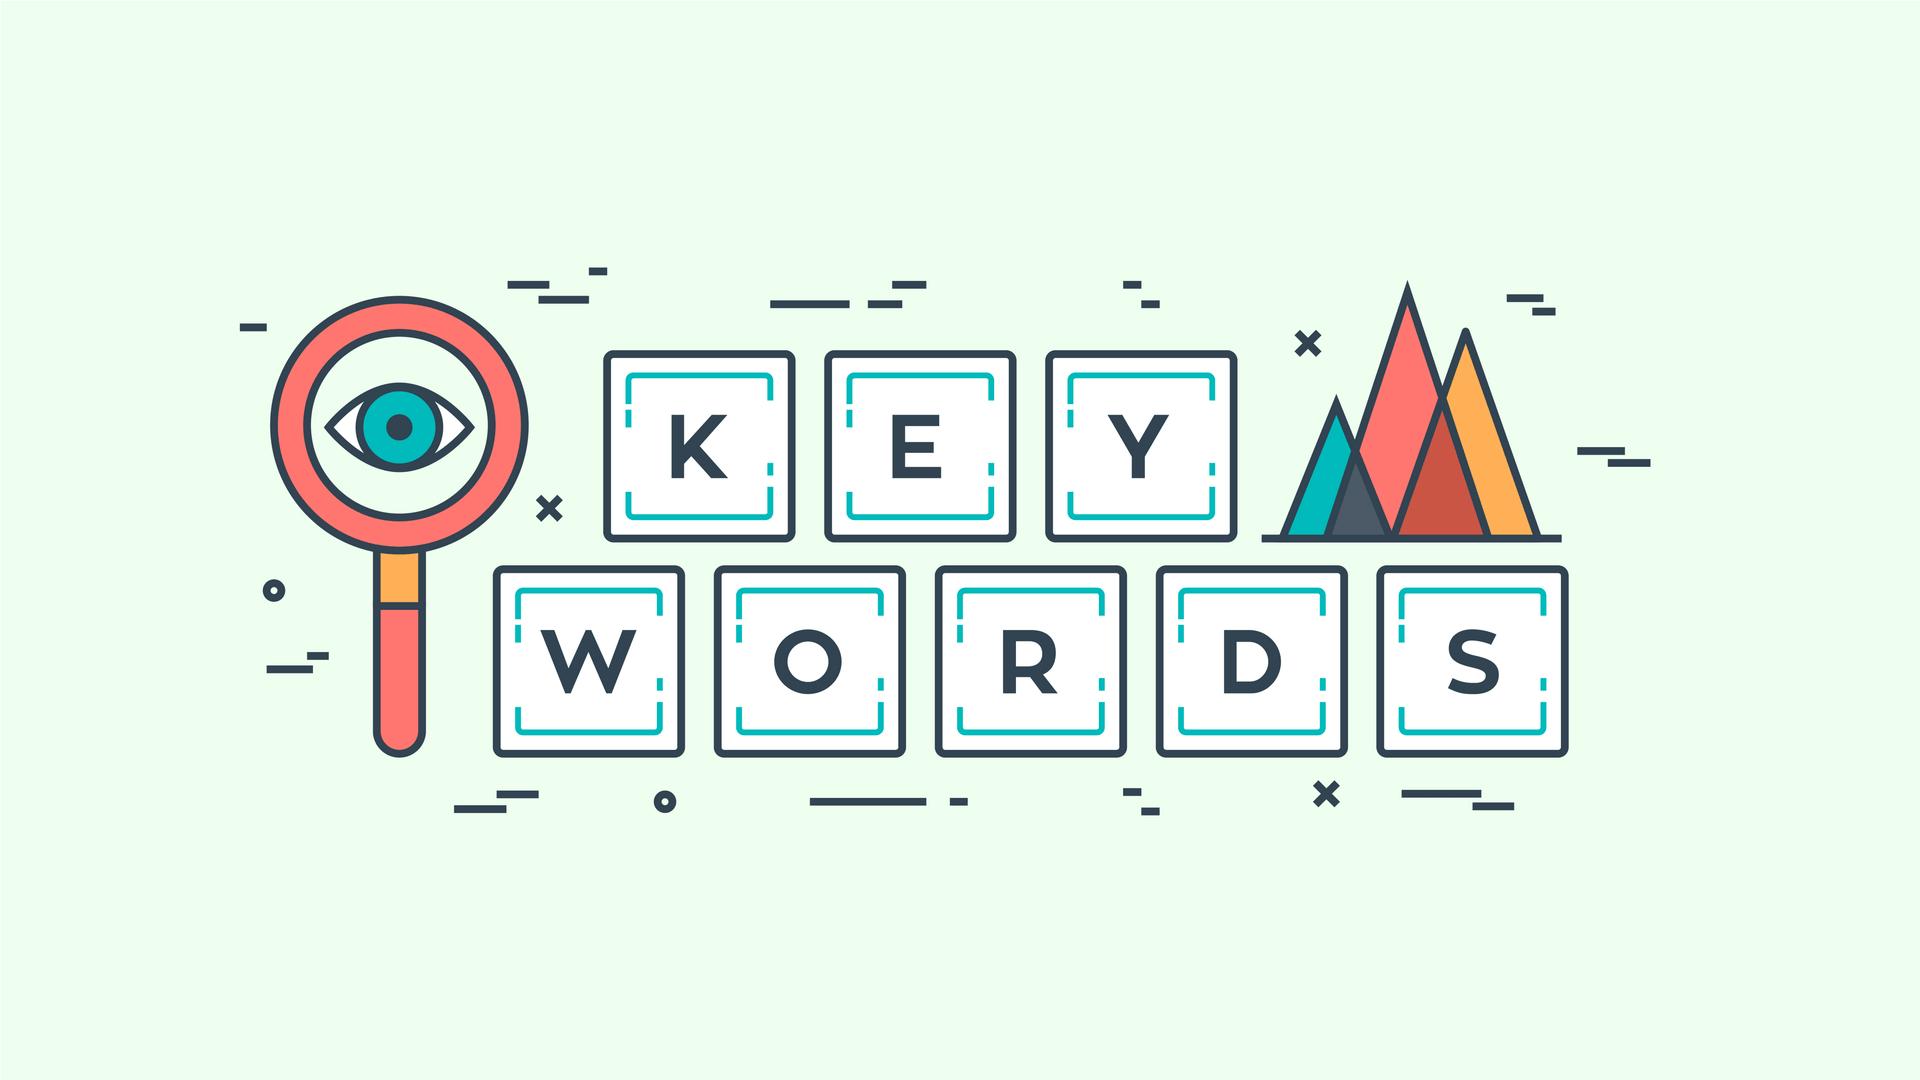 انتخاب بهترین کلمه کلیدی در وردپرس